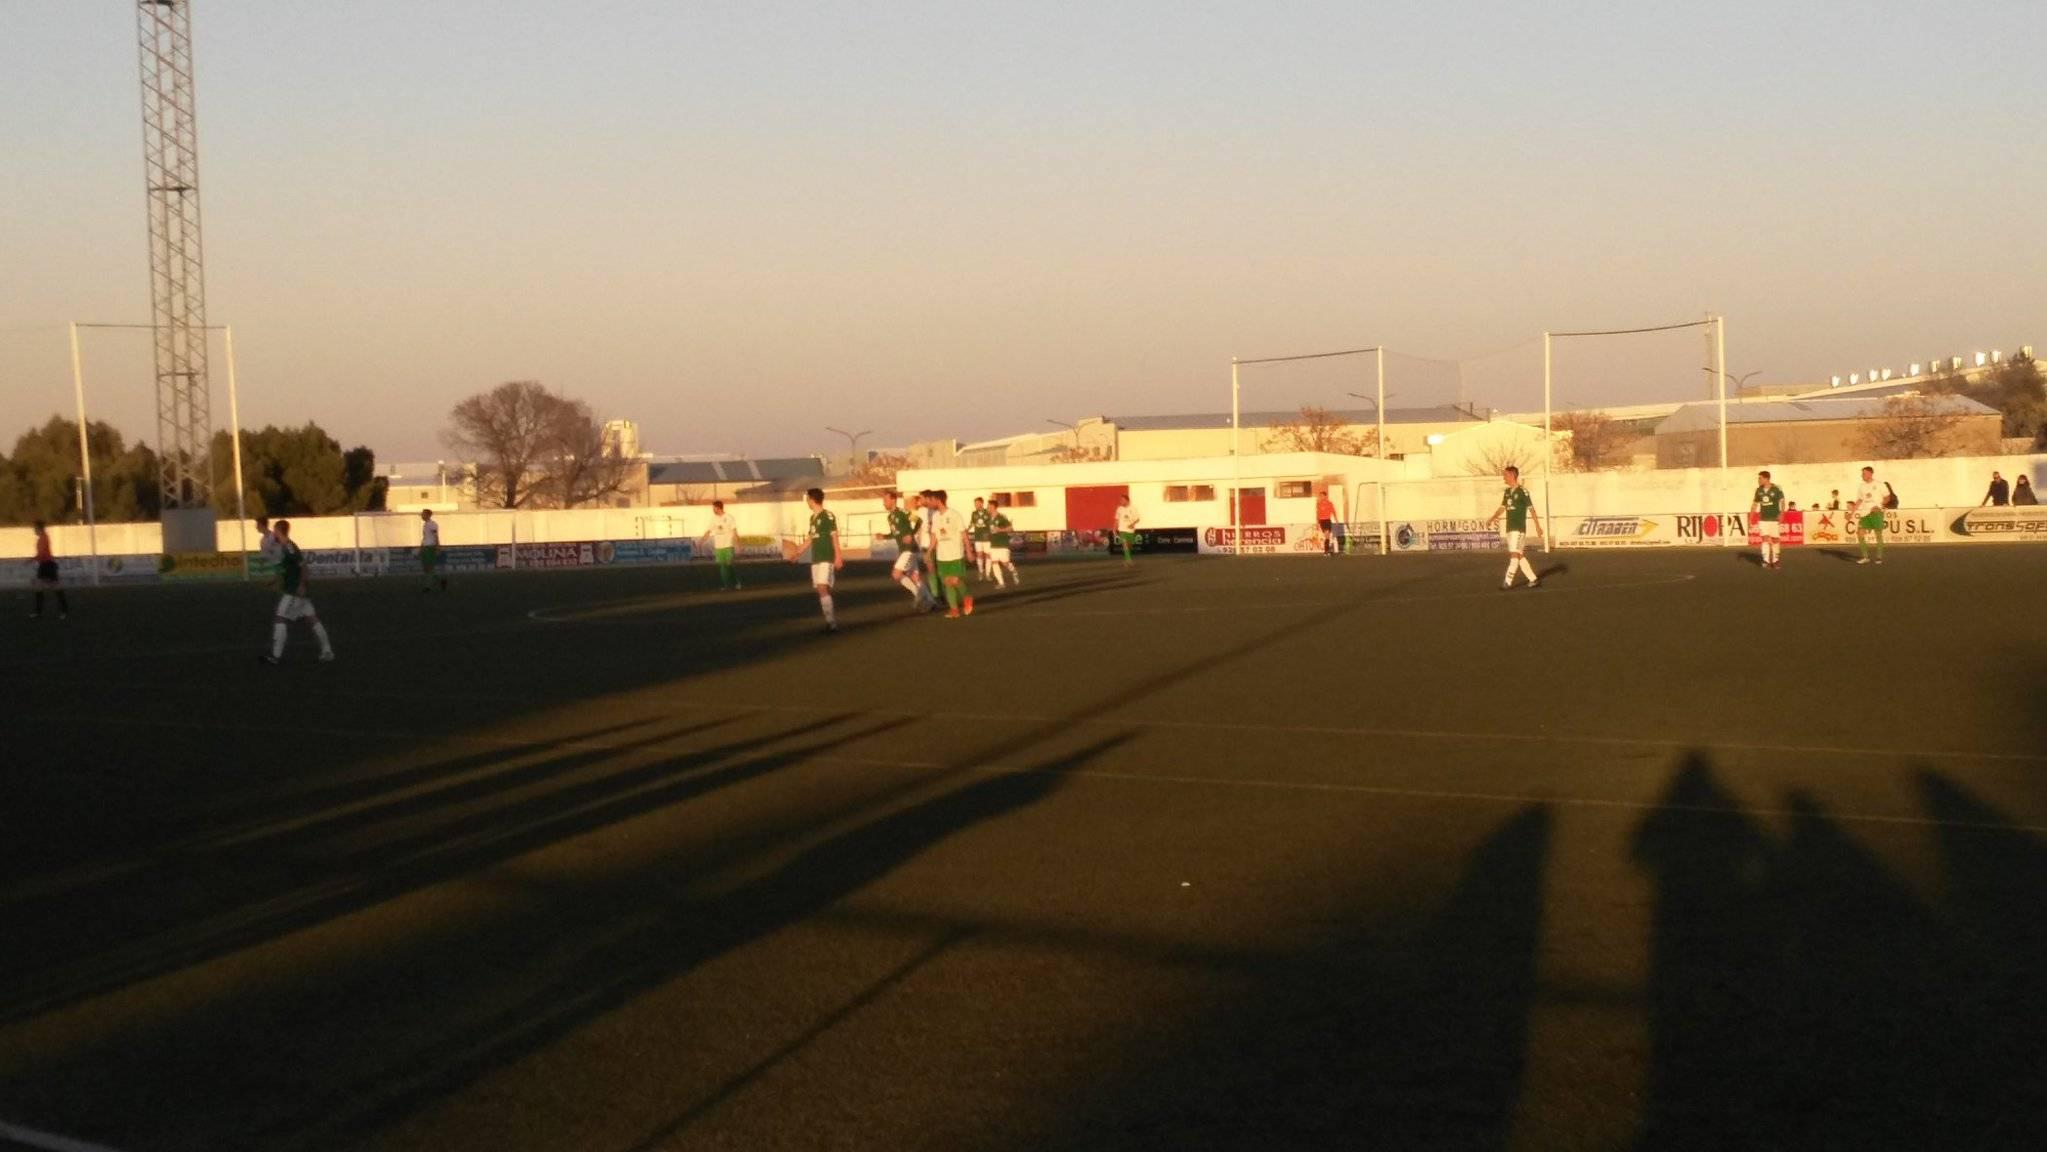 CDB Herencia rompe su mala racha con un 4-1 frente al Calzada CF 5